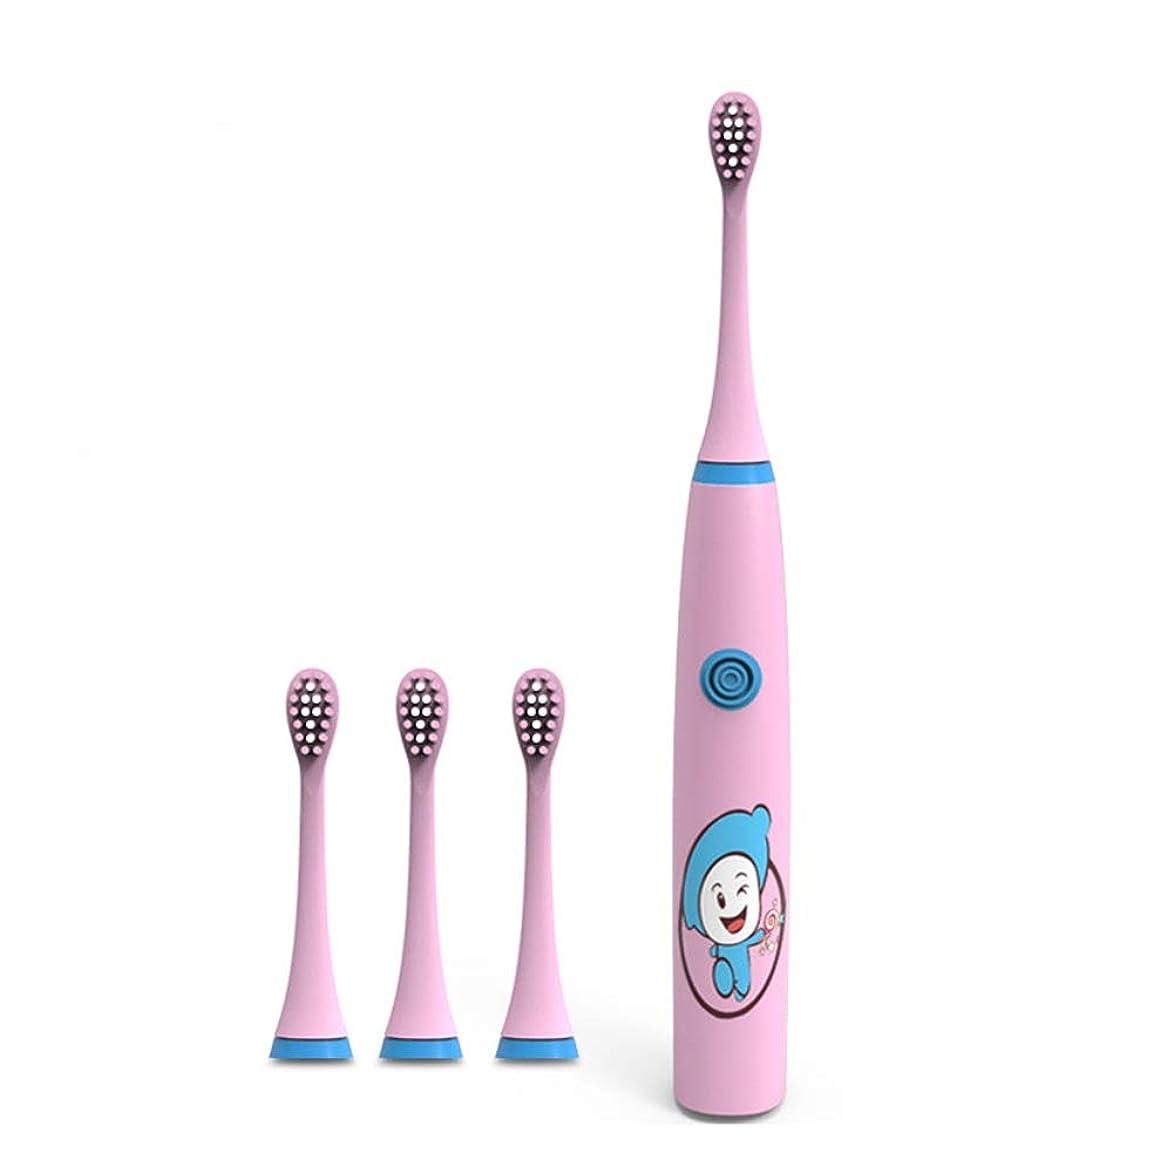 宣教師ドラゴン特徴づける自動歯ブラシ 子供の防水USB充電ベースの柔らかい髪のきれいなかわいい電動歯ブラシで (色 : ピンク, サイズ : Free size)